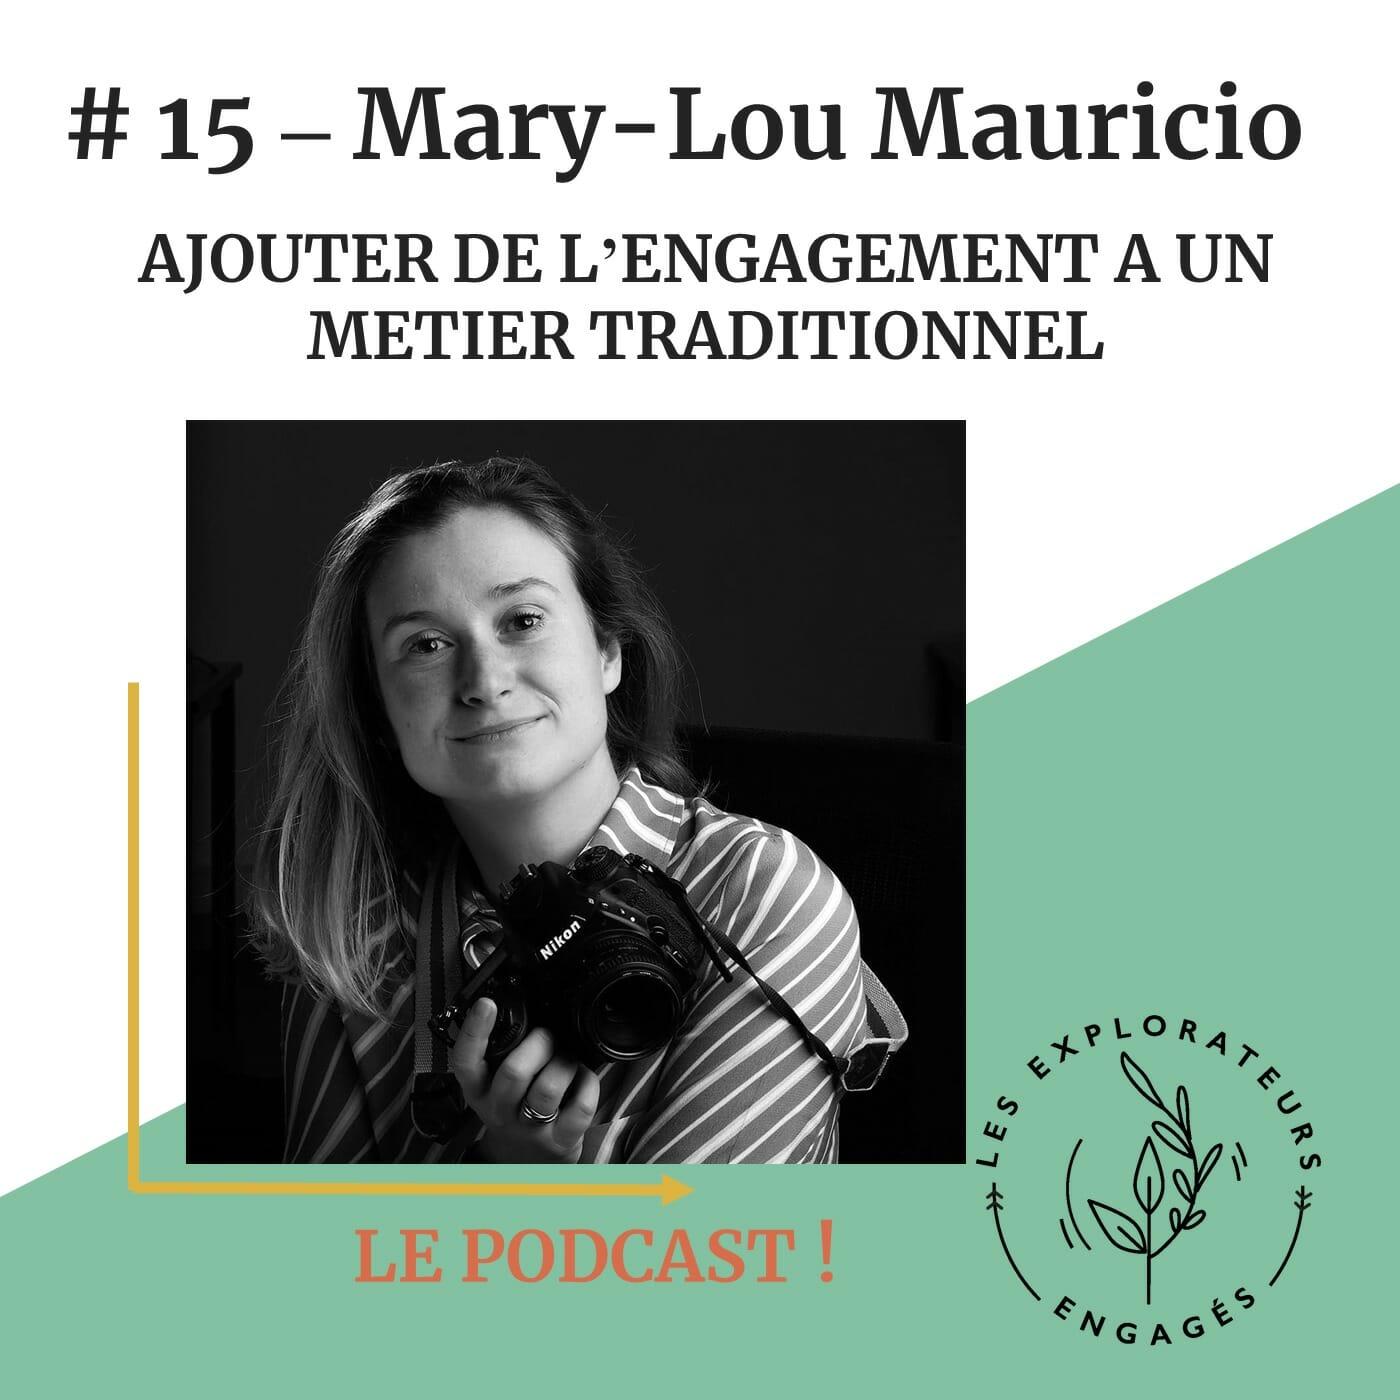 #15 Mary-Lou Mauricio – Ajouter de l'engagement à un métier traditionnel